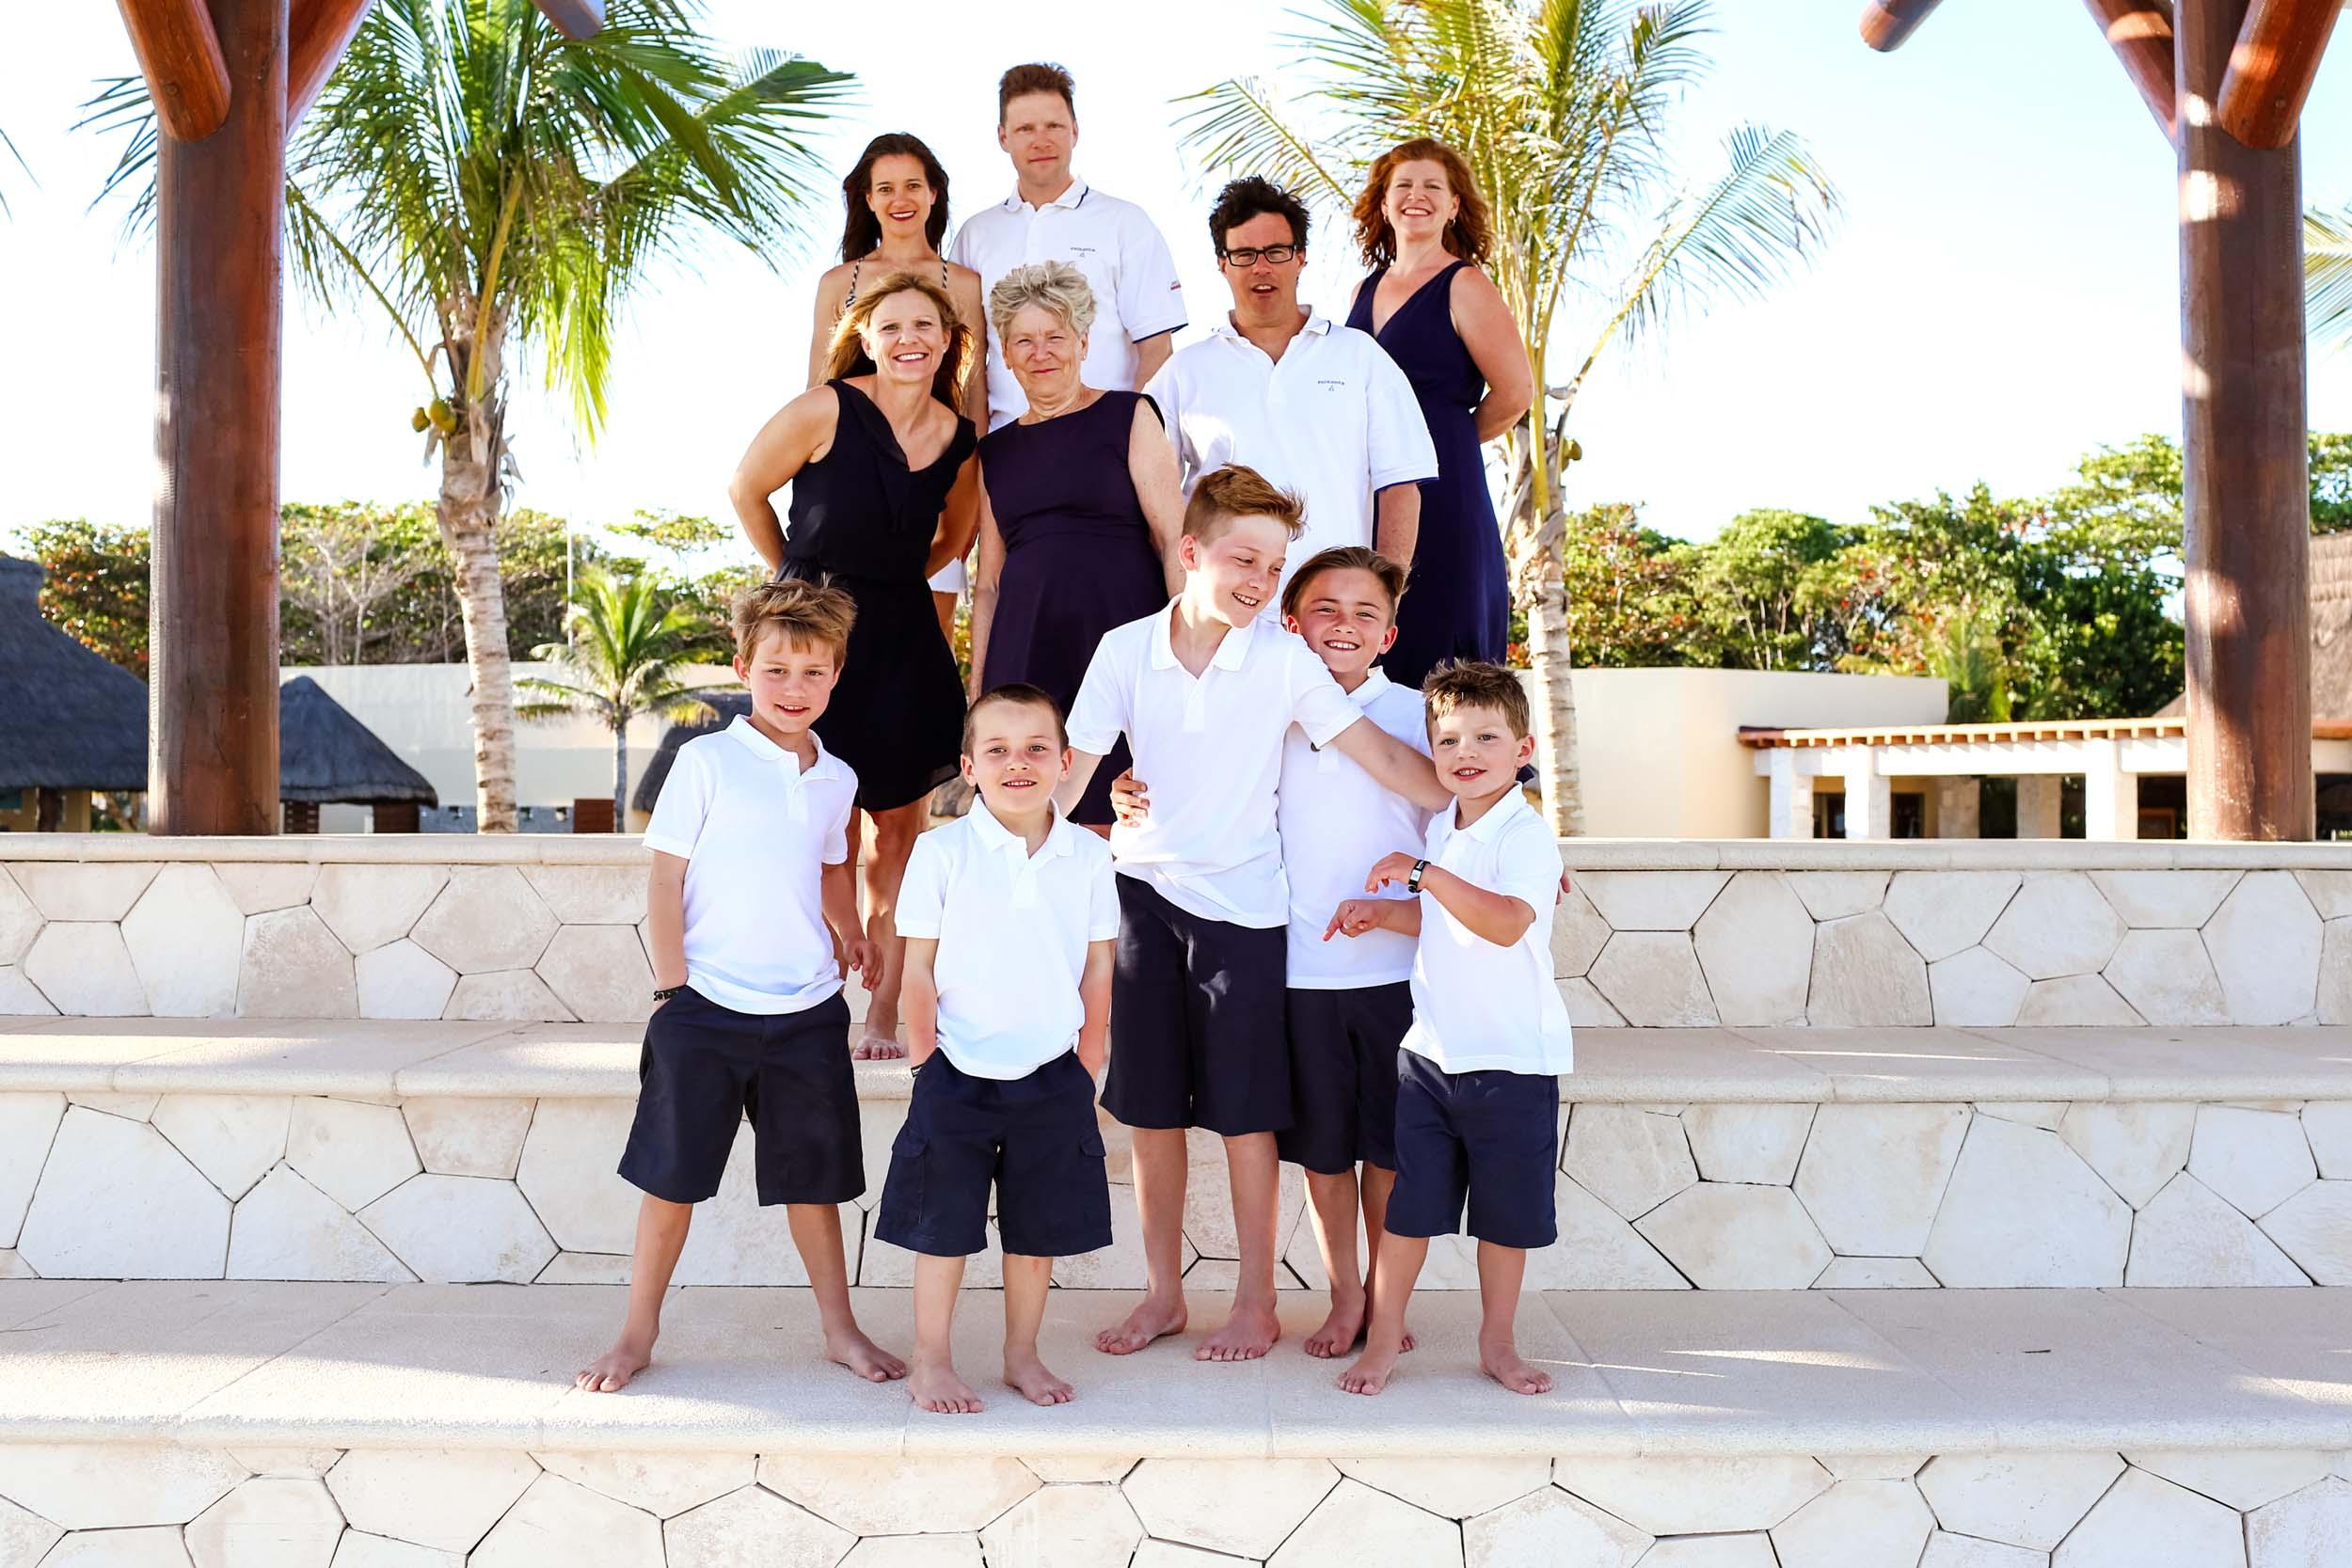 A 70th Birthday Celebration in Playa del Carmen - Hire a